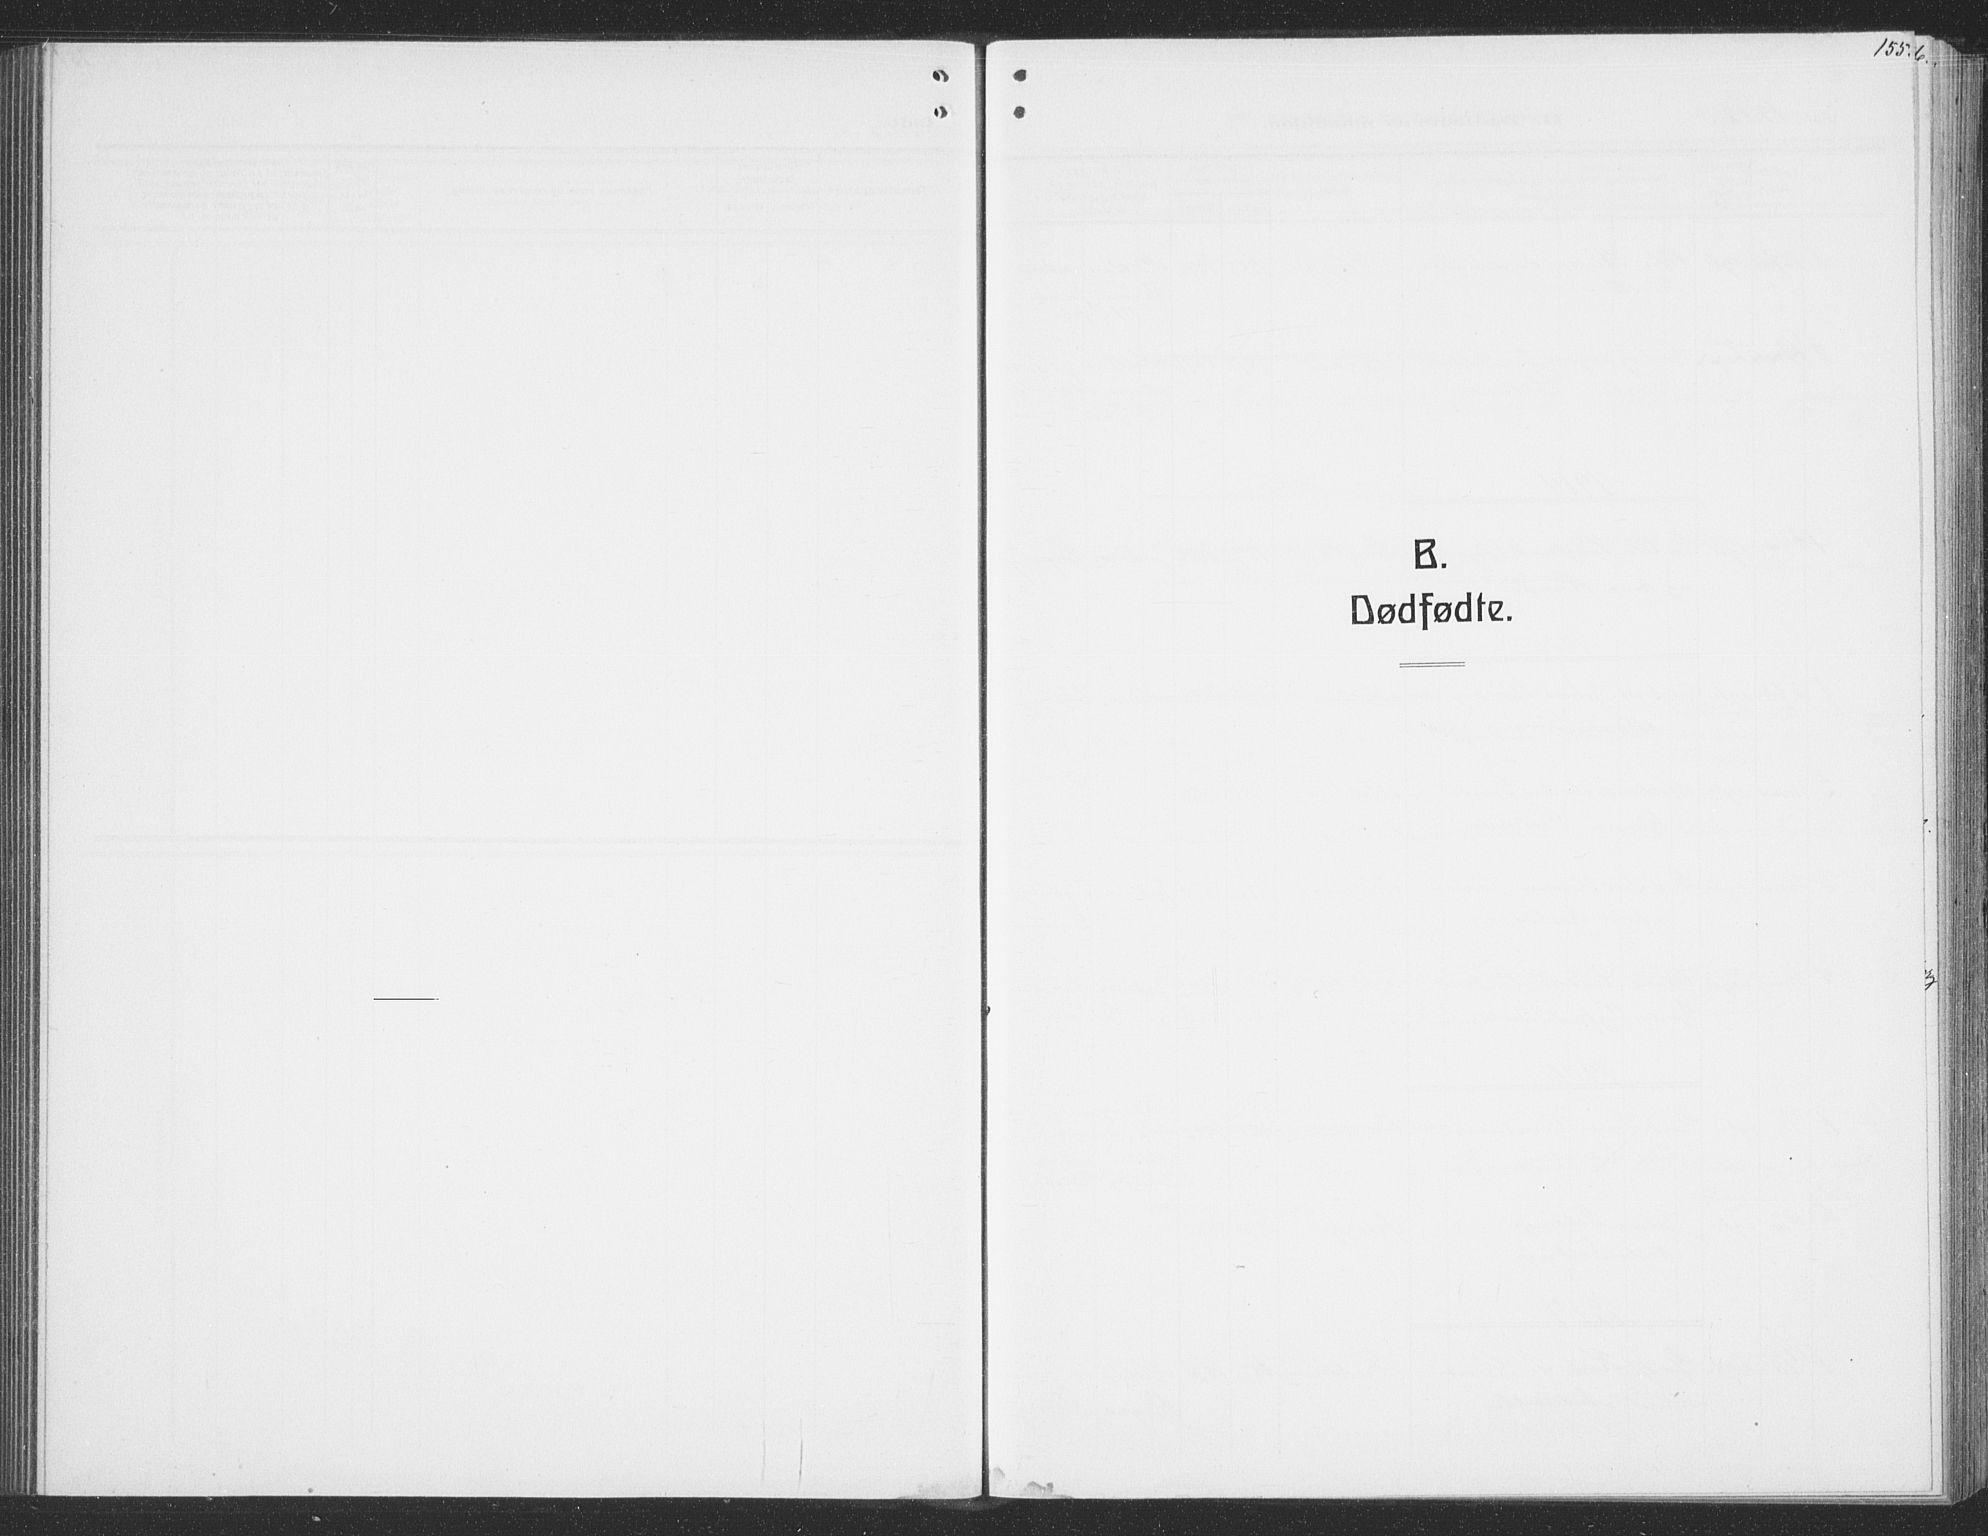 SAT, Ministerialprotokoller, klokkerbøker og fødselsregistre - Sør-Trøndelag, 691/L1095: Klokkerbok nr. 691C06, 1912-1933, s. 155